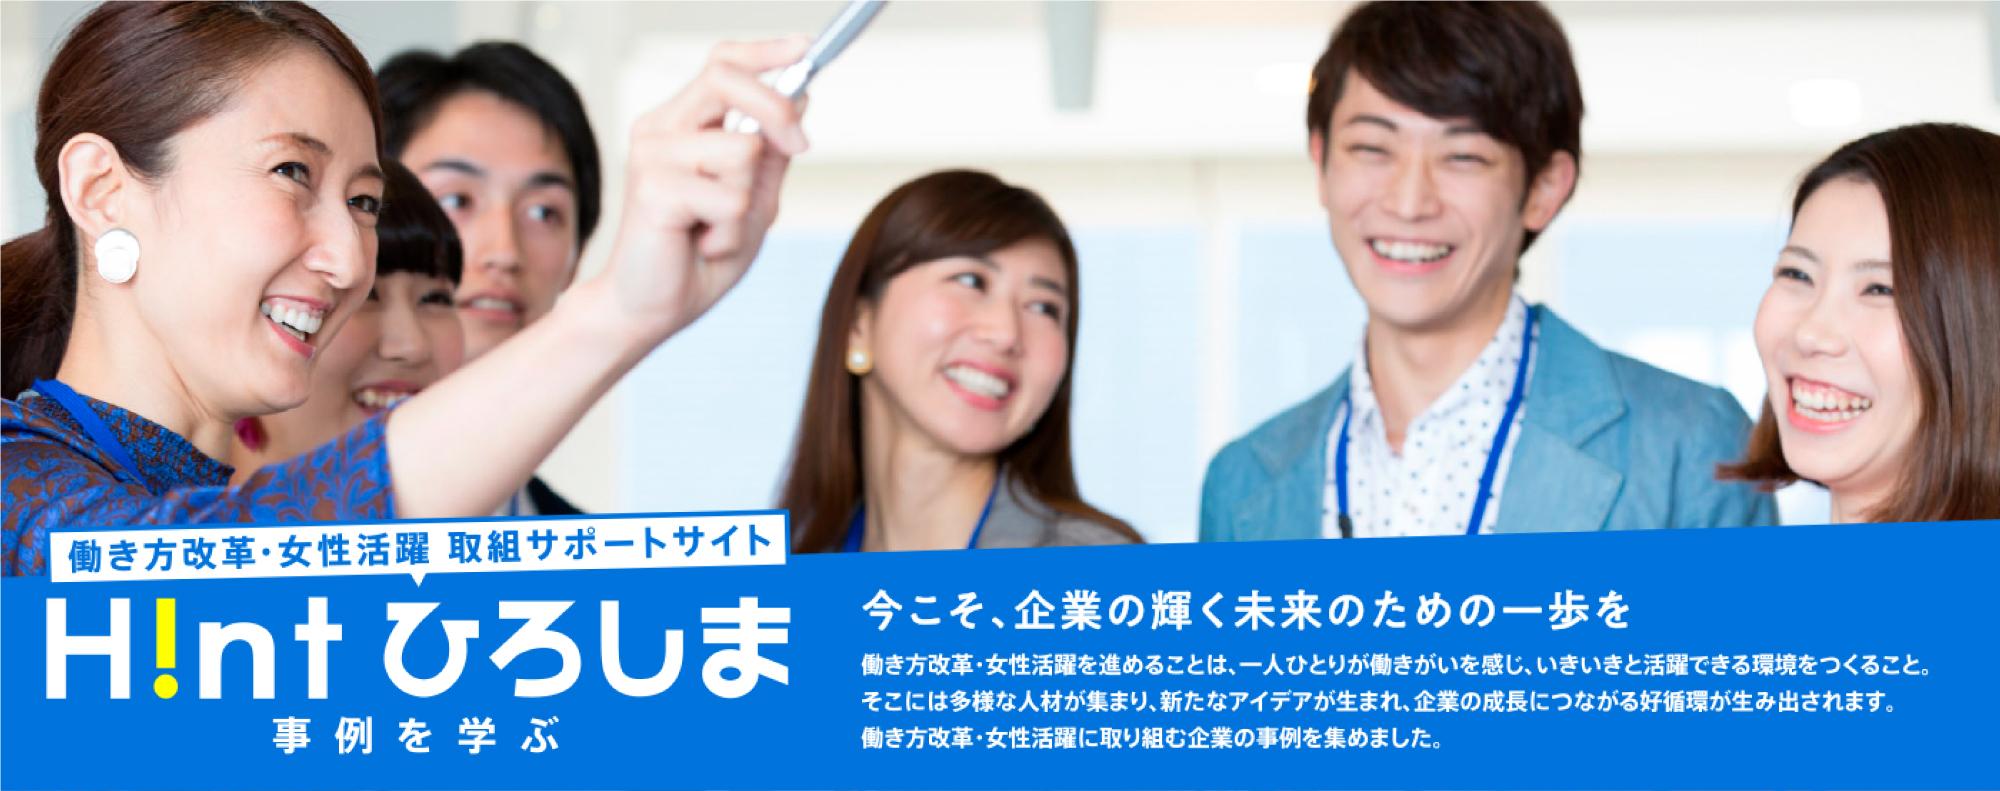 広島県働き方改革実践企業に認定されました!